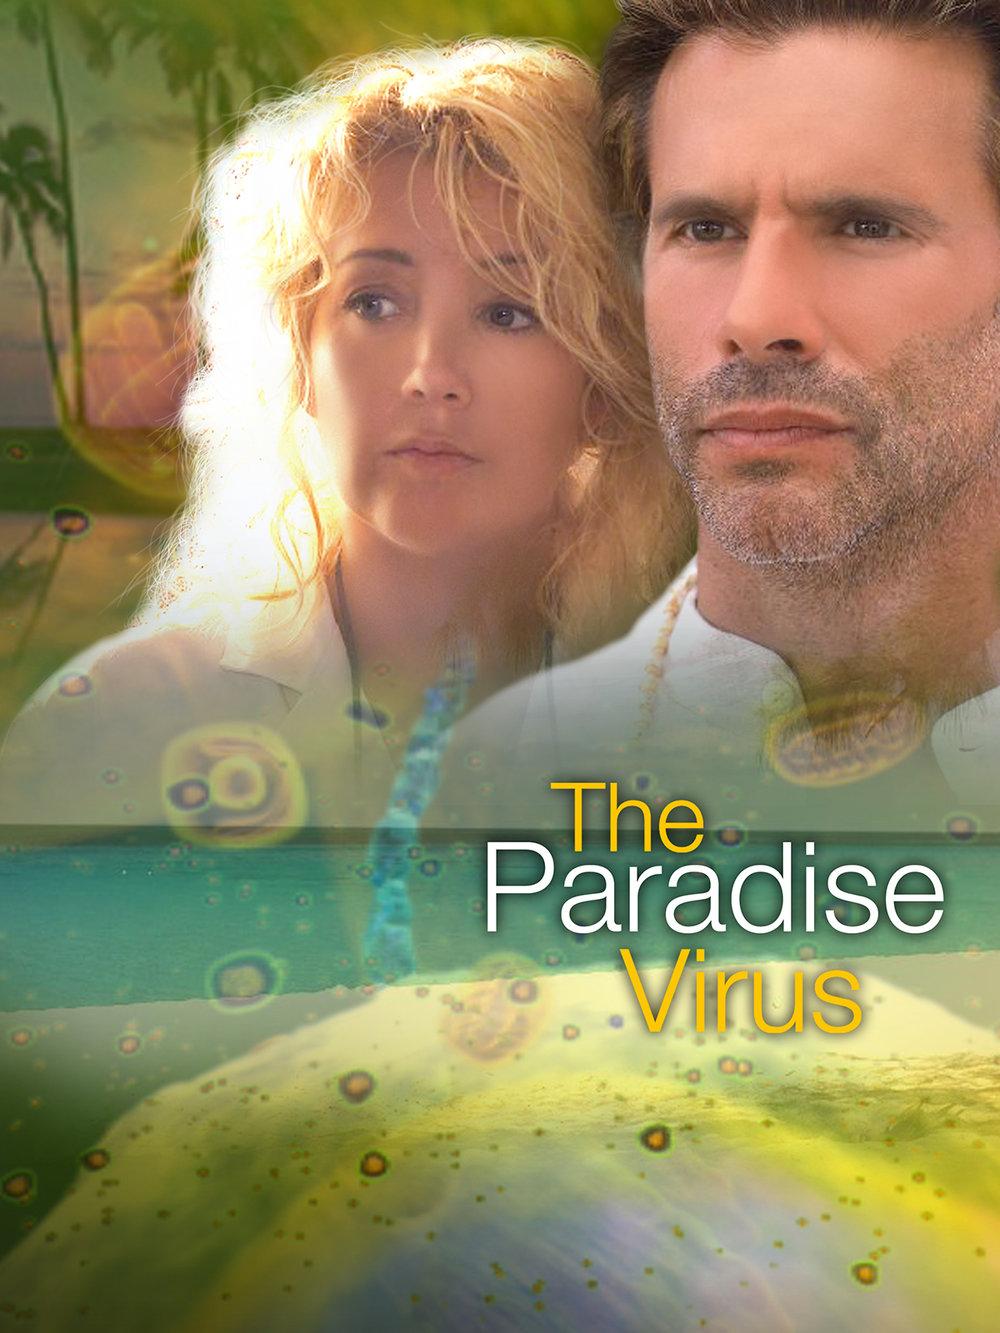 Here-ParadiseVirus-Full-Image-en-US.jpg